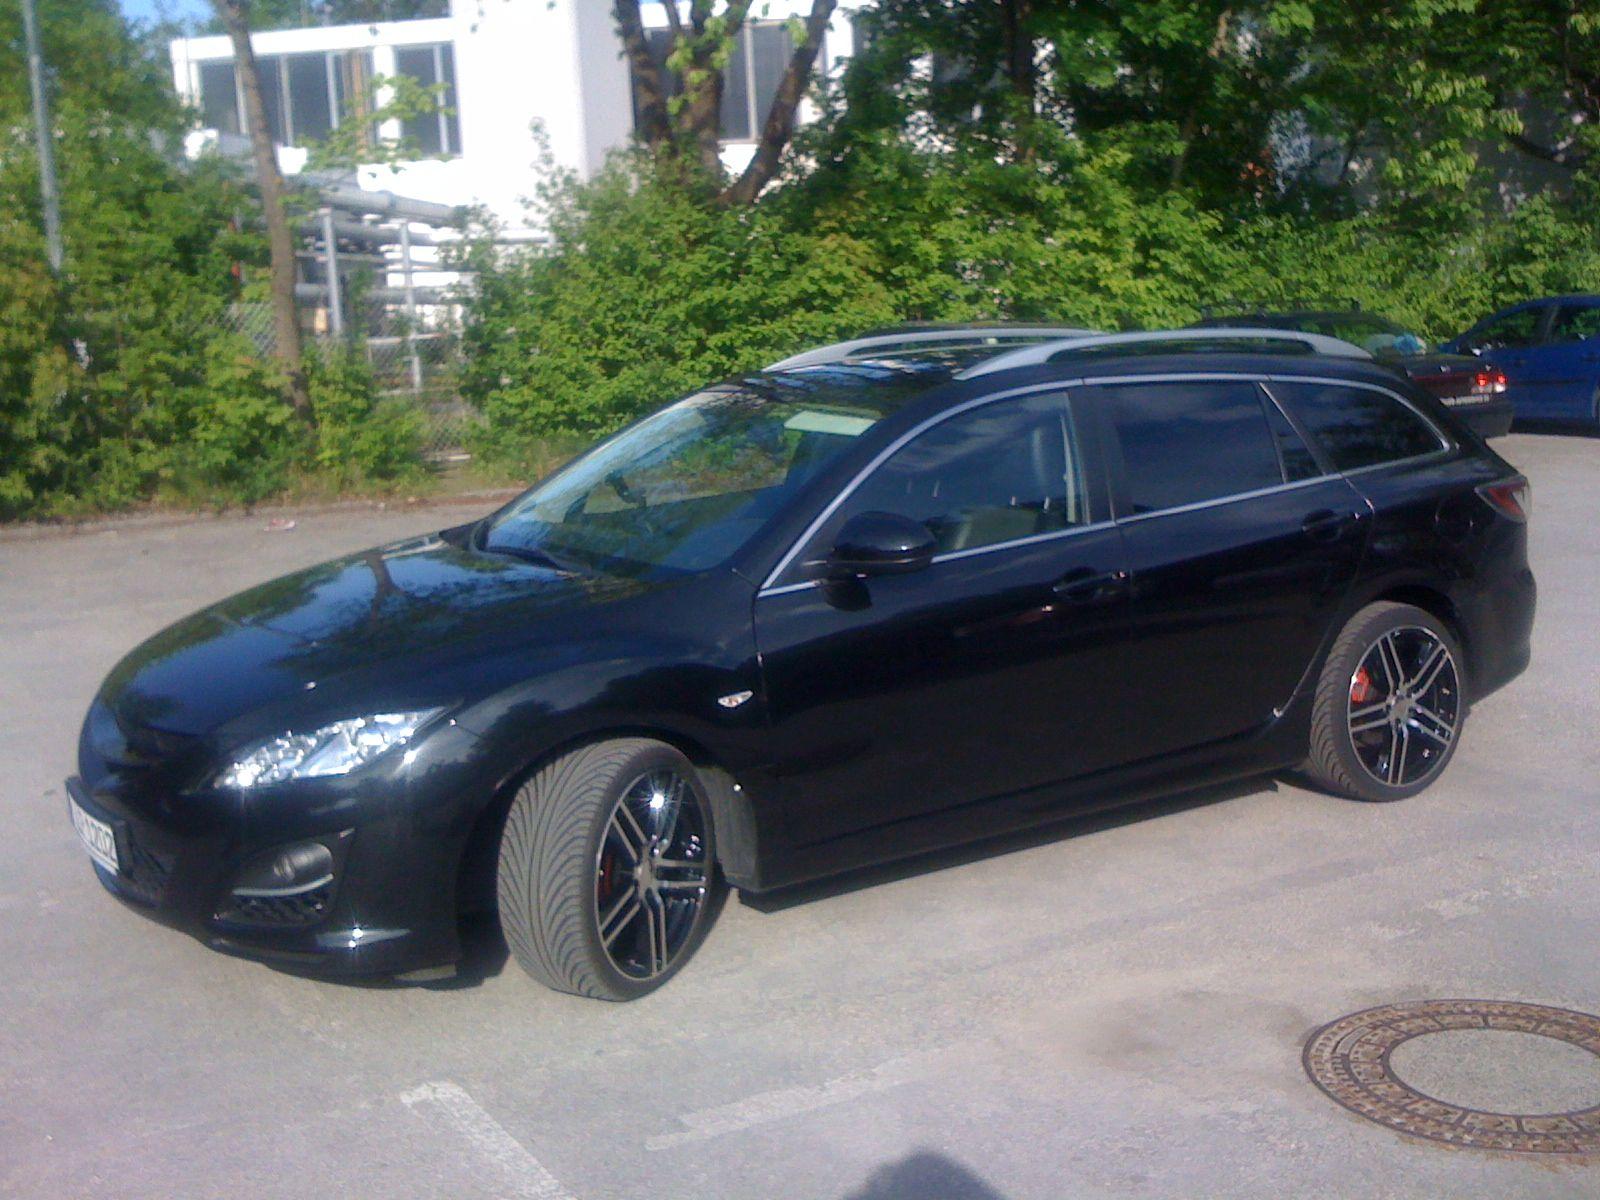 Mazda 6 gh dbv alufelgen mauritius black 8x19 et45 reifen 235 35r19